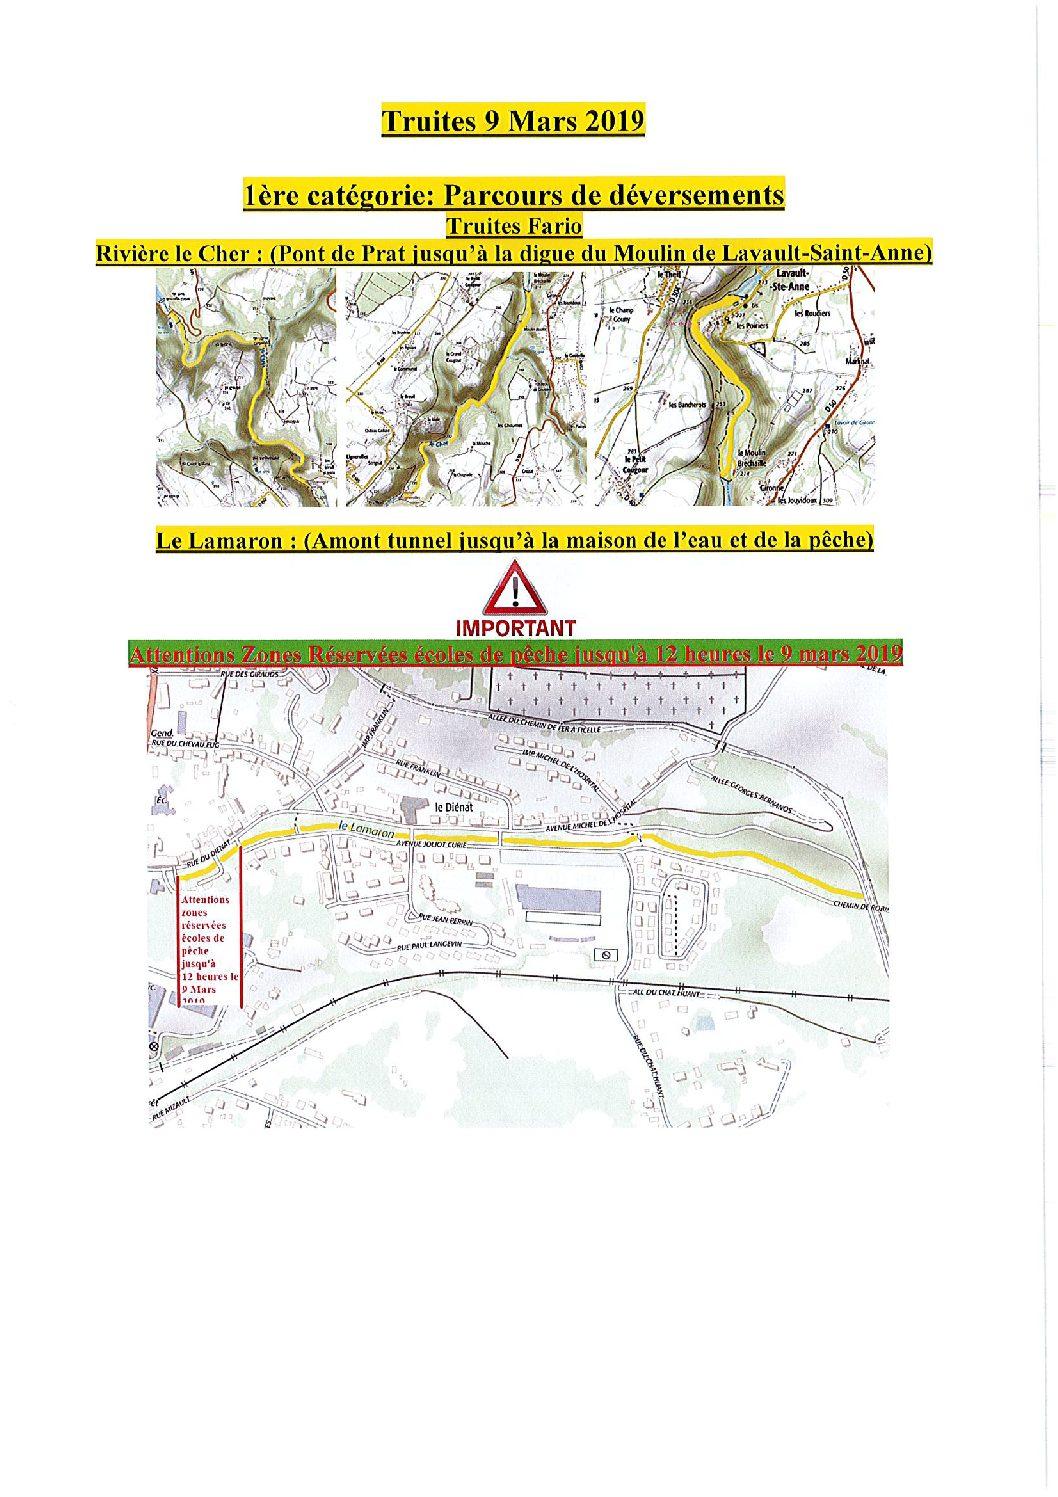 """Déversements de poissons sur les lots de l'AAPPMA """"l'Union des Pêcheurs Bourbonnais"""" de Montluçon"""